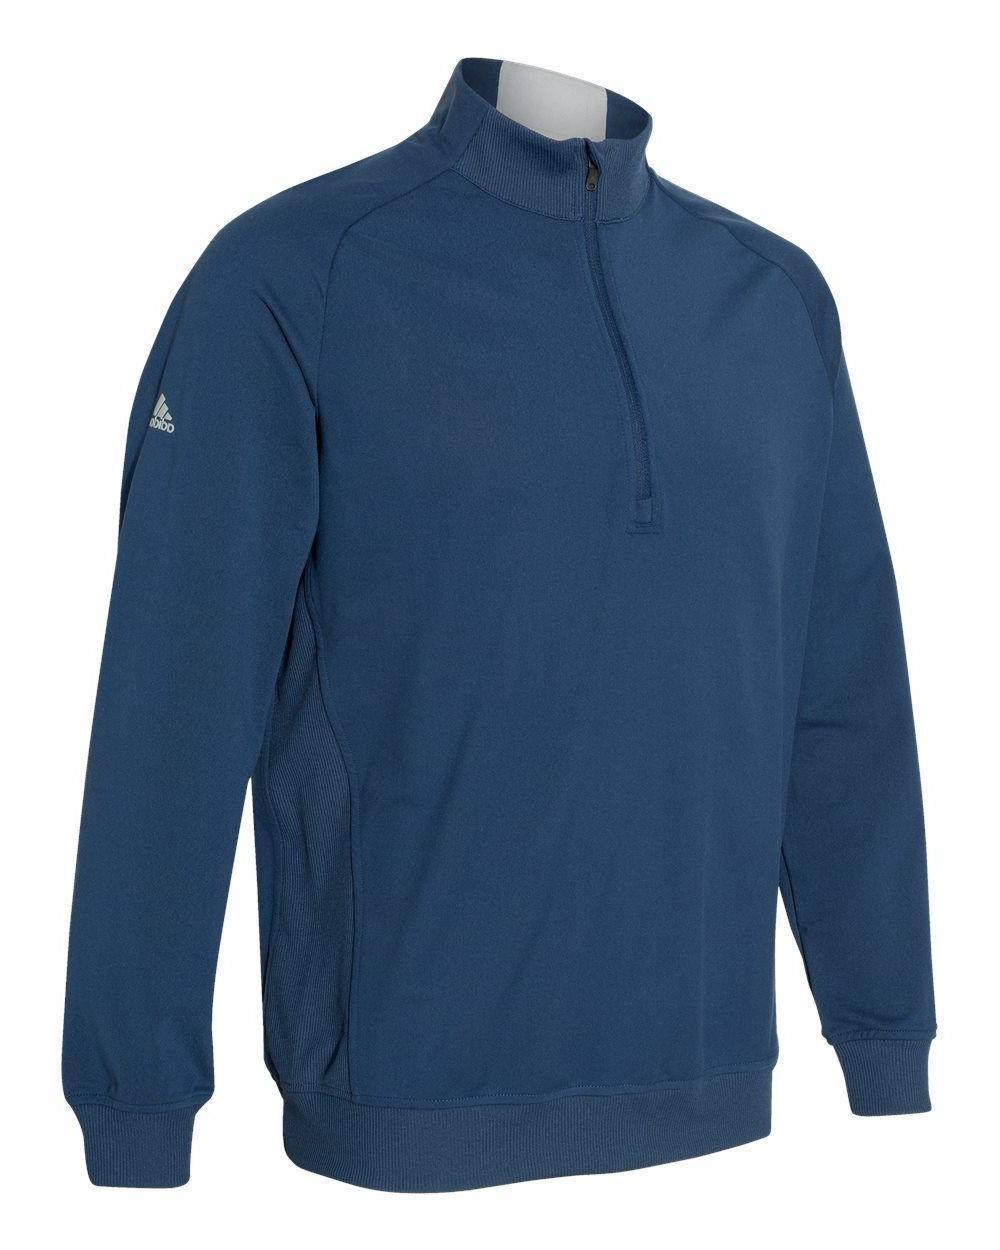 Adidas Golf Vest Sizes A270, A271